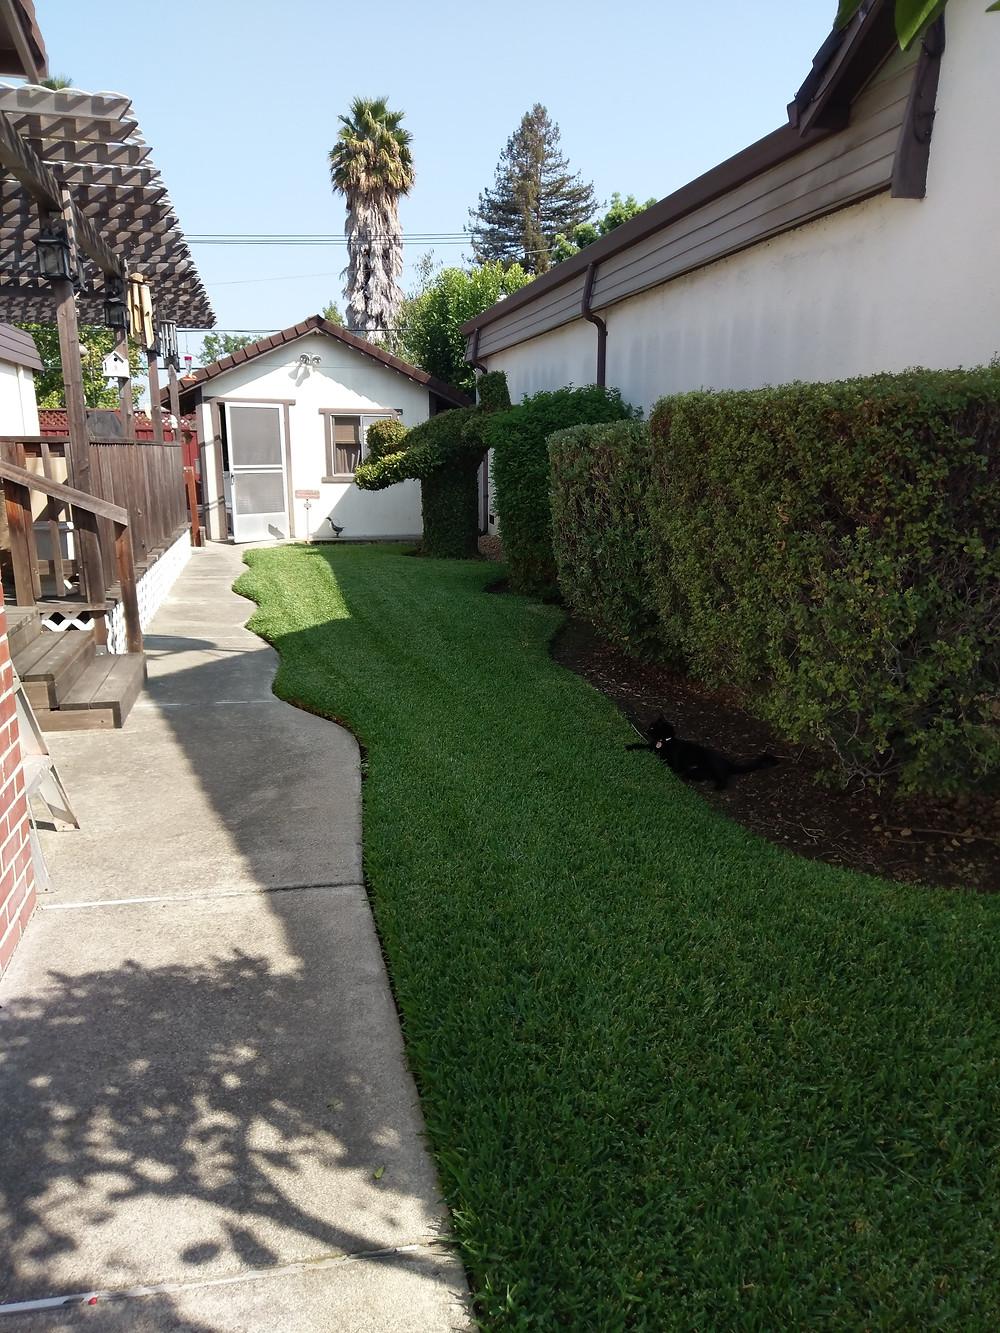 Tiny house, cottage, shed, grass, hedges, blue sky, palm trees, cute home